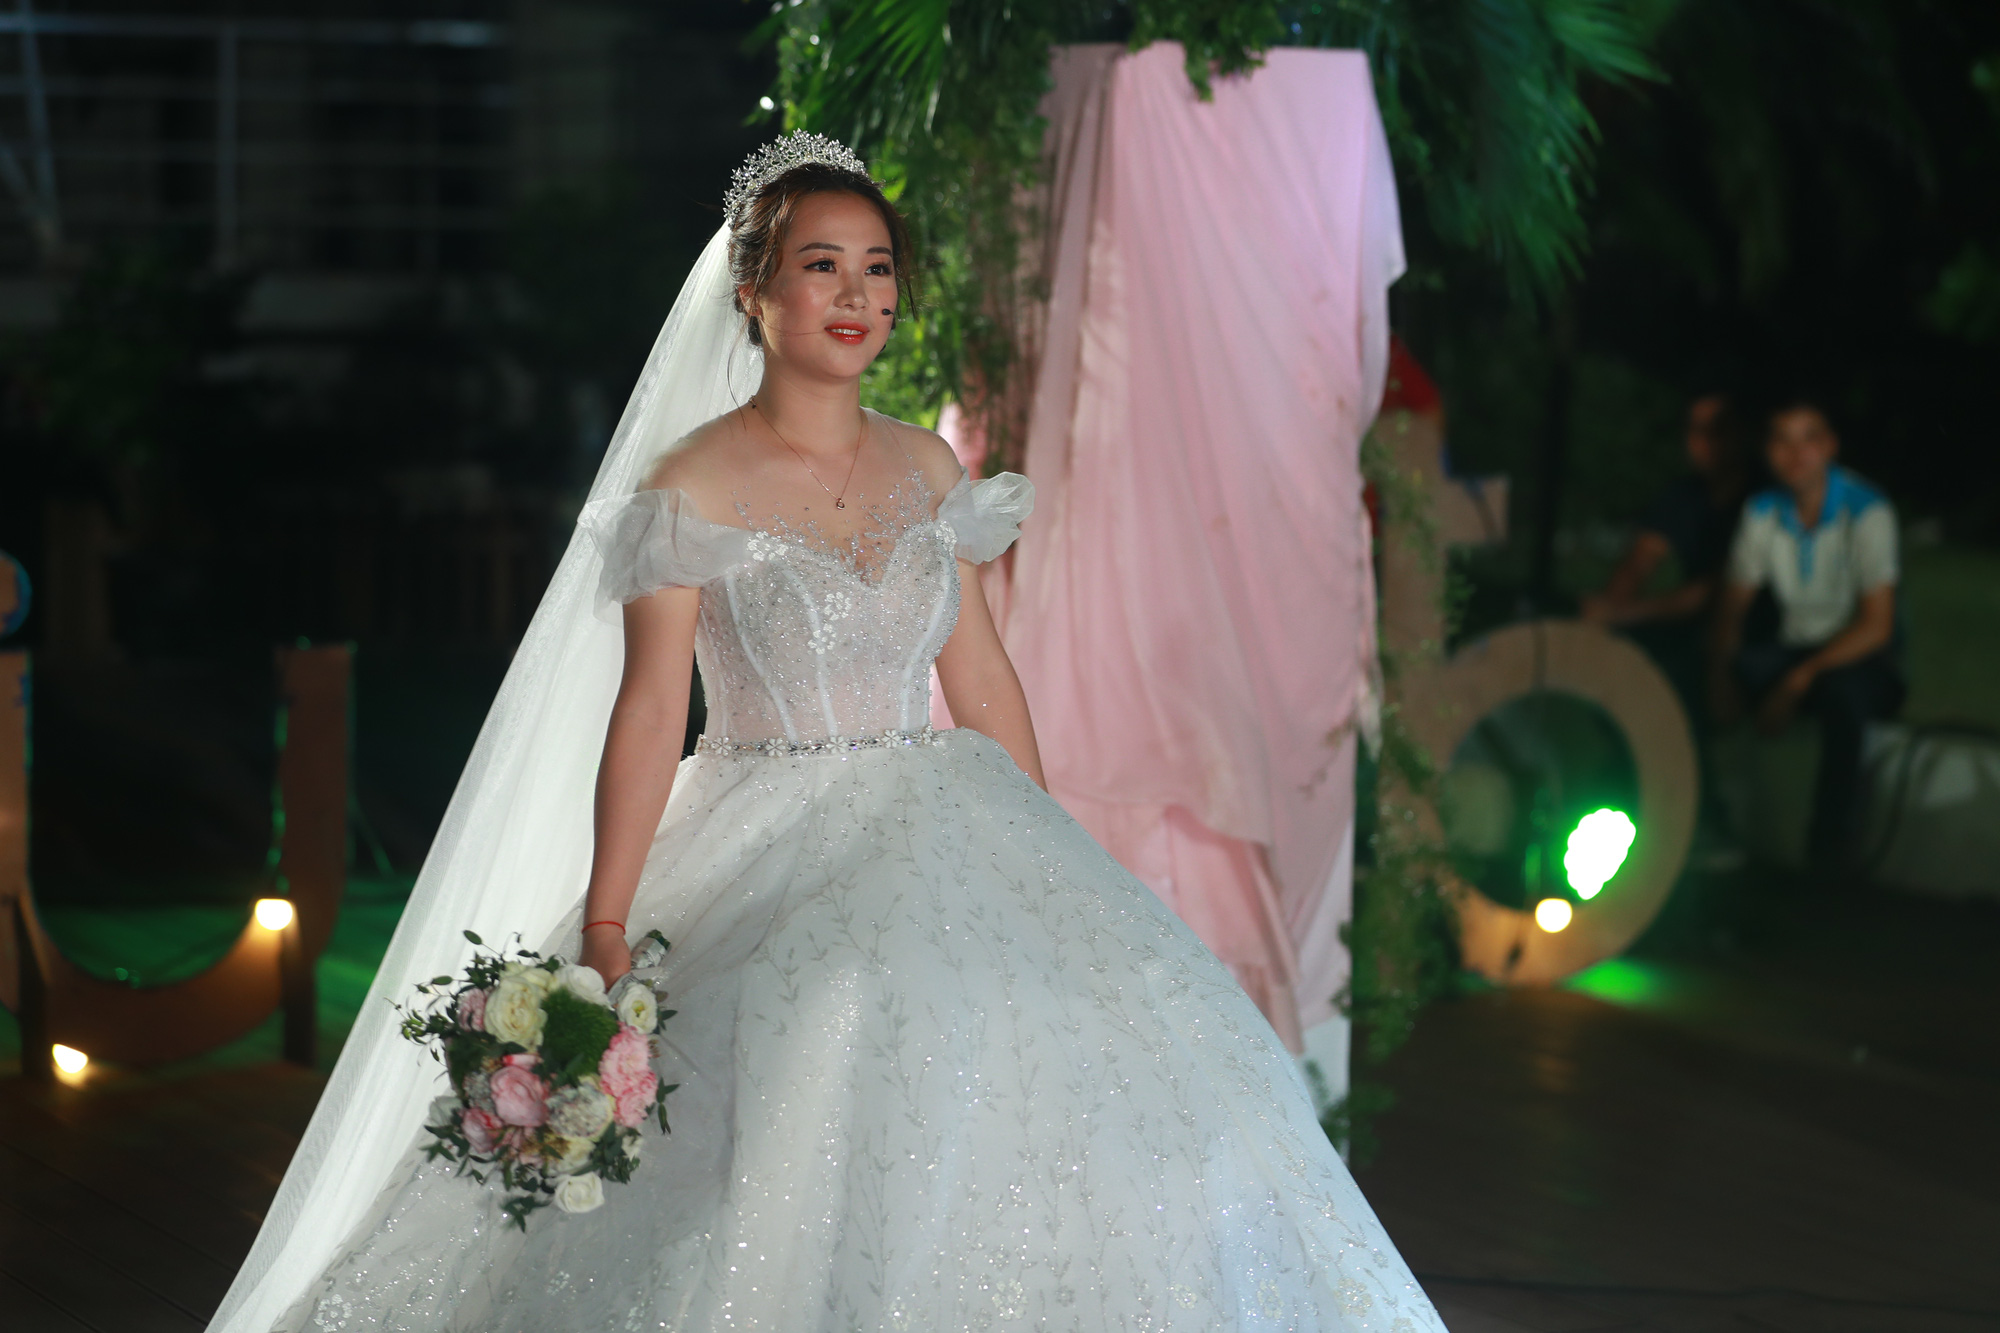 Điều ước thứ 7: Đám cưới đặc biệt của người chiến sĩ giữa mùa dịch COVID-19 - Ảnh 11.